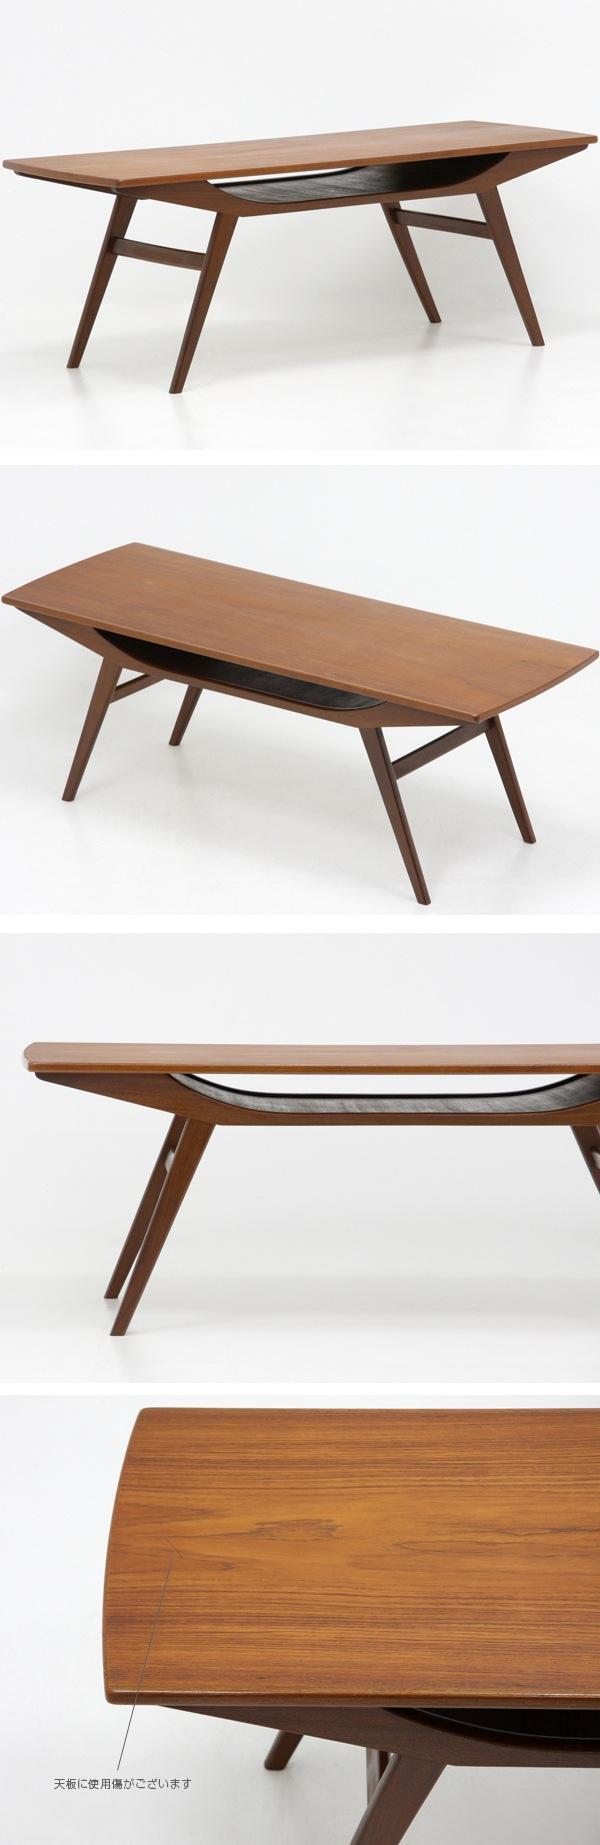 北欧家具,ビンテージ,コーヒーテーブル,ローテーブル,チーク材